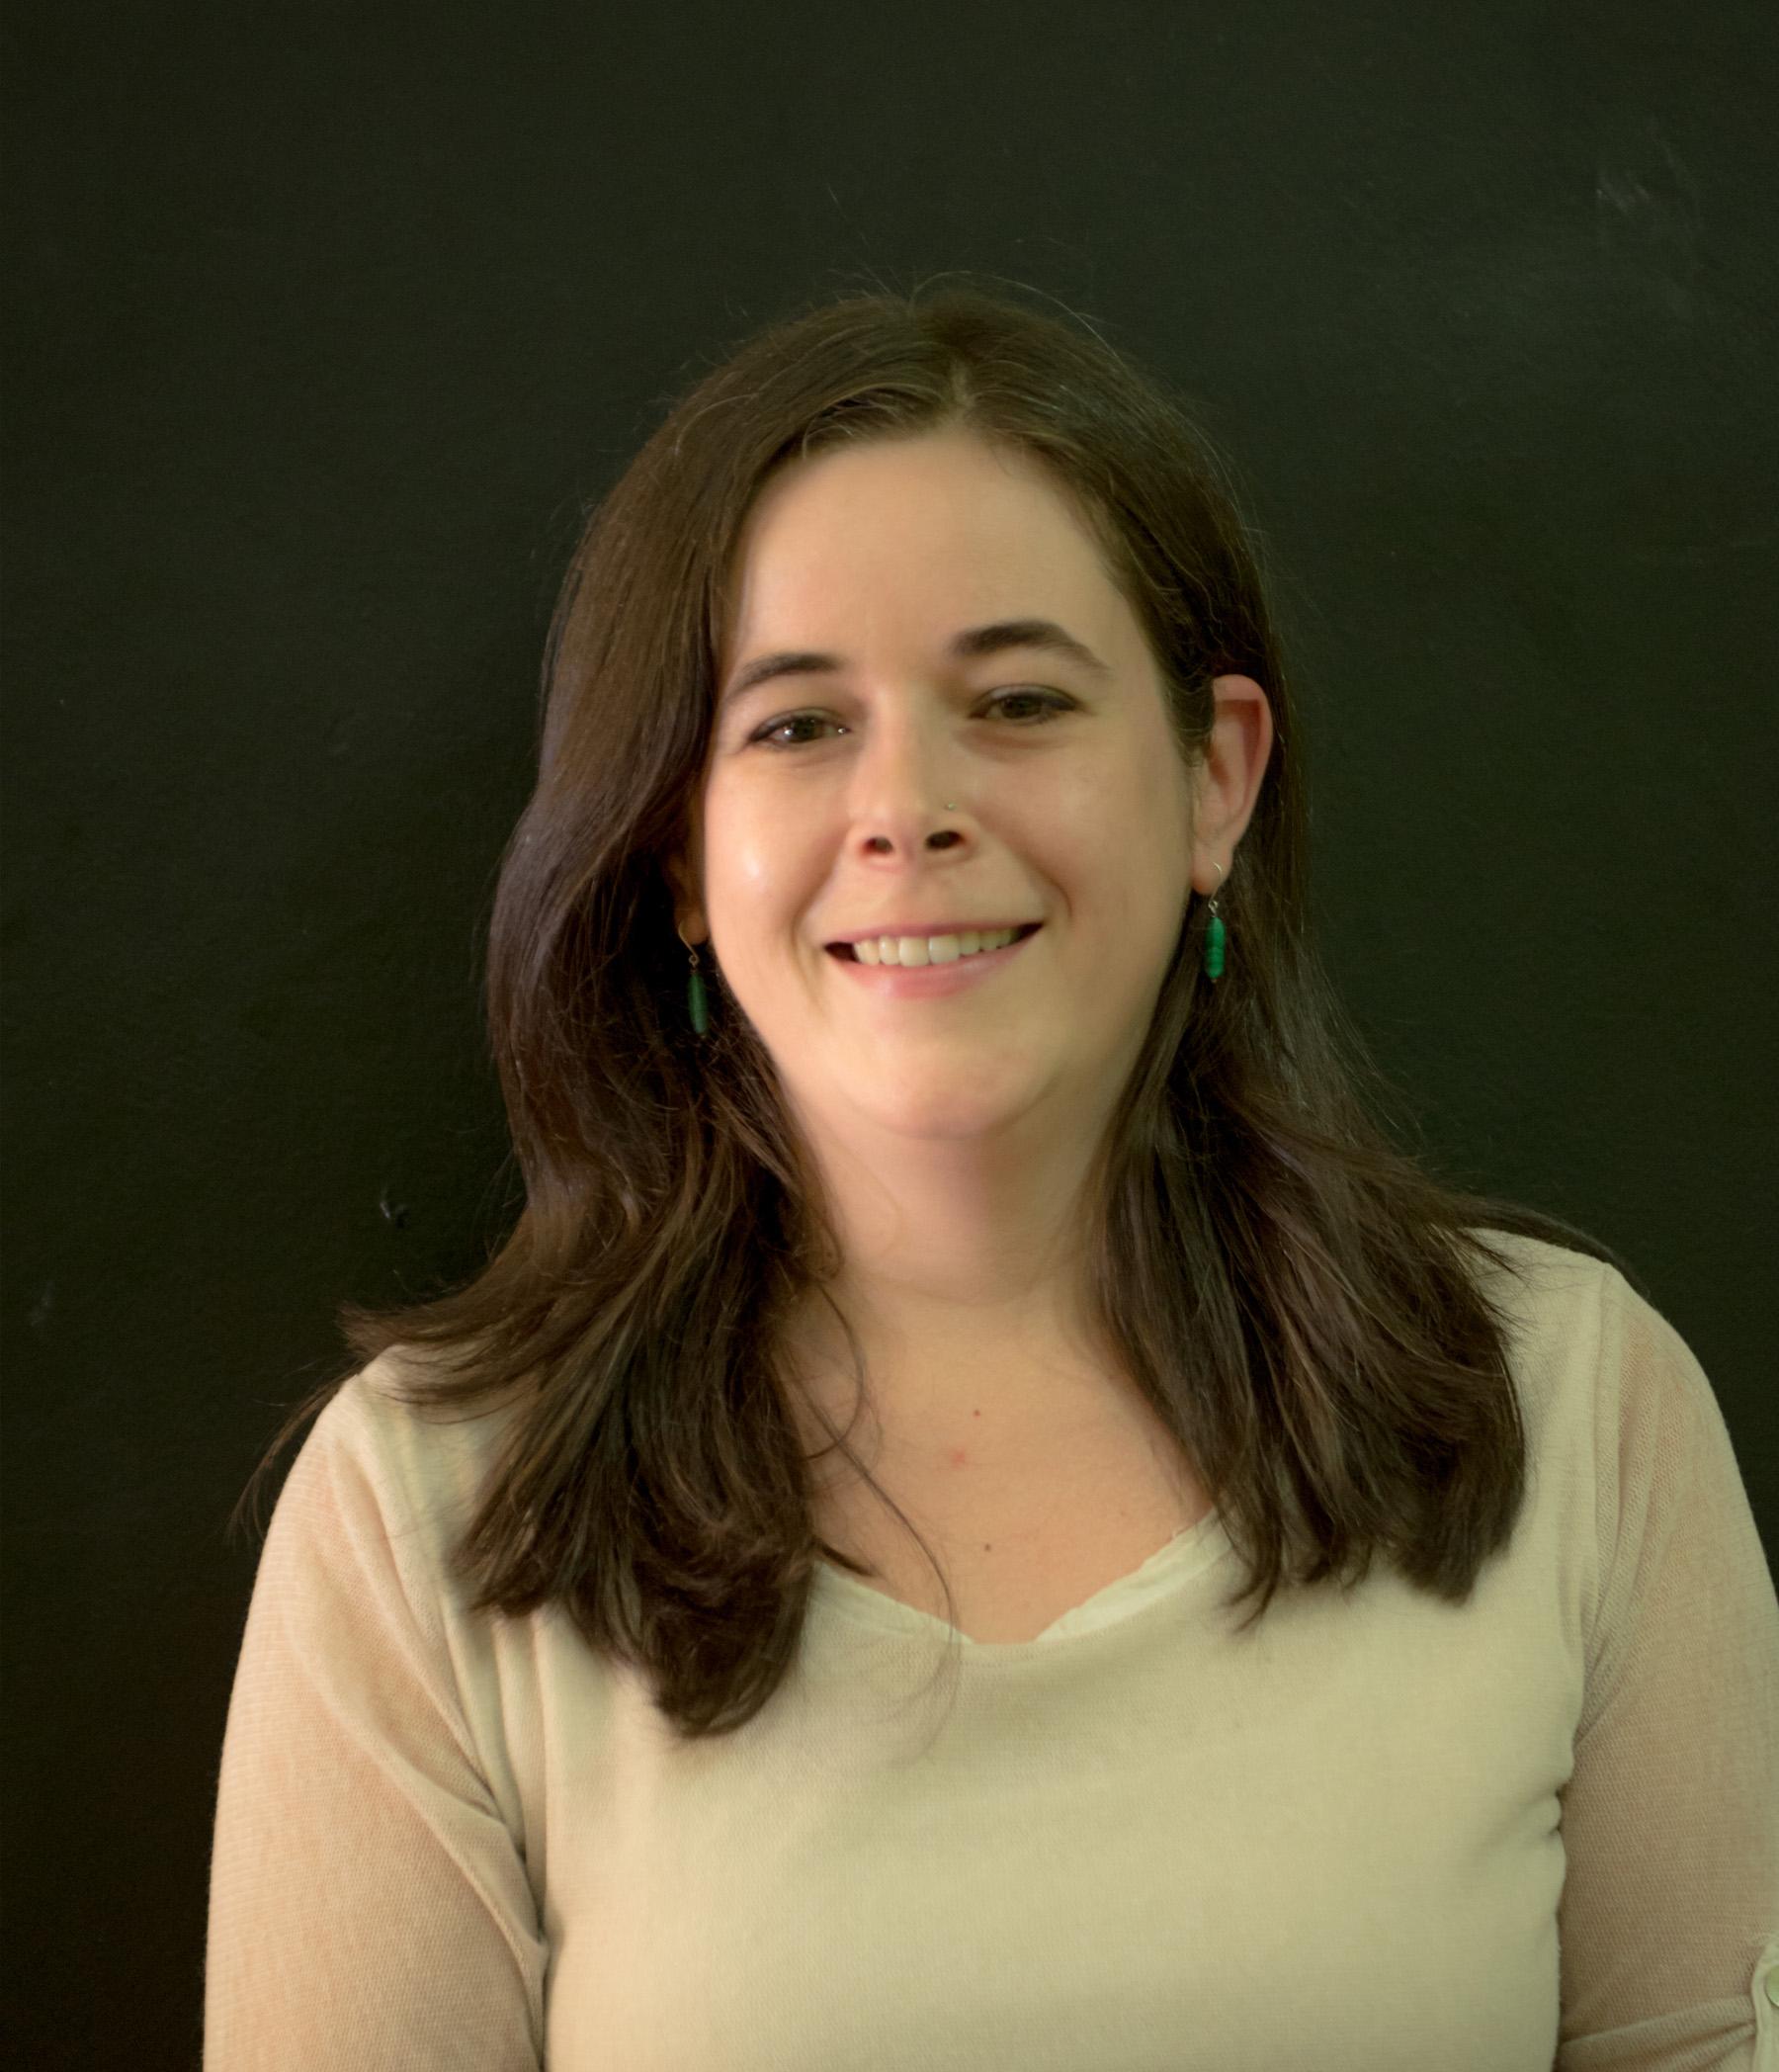 Sara Serrano